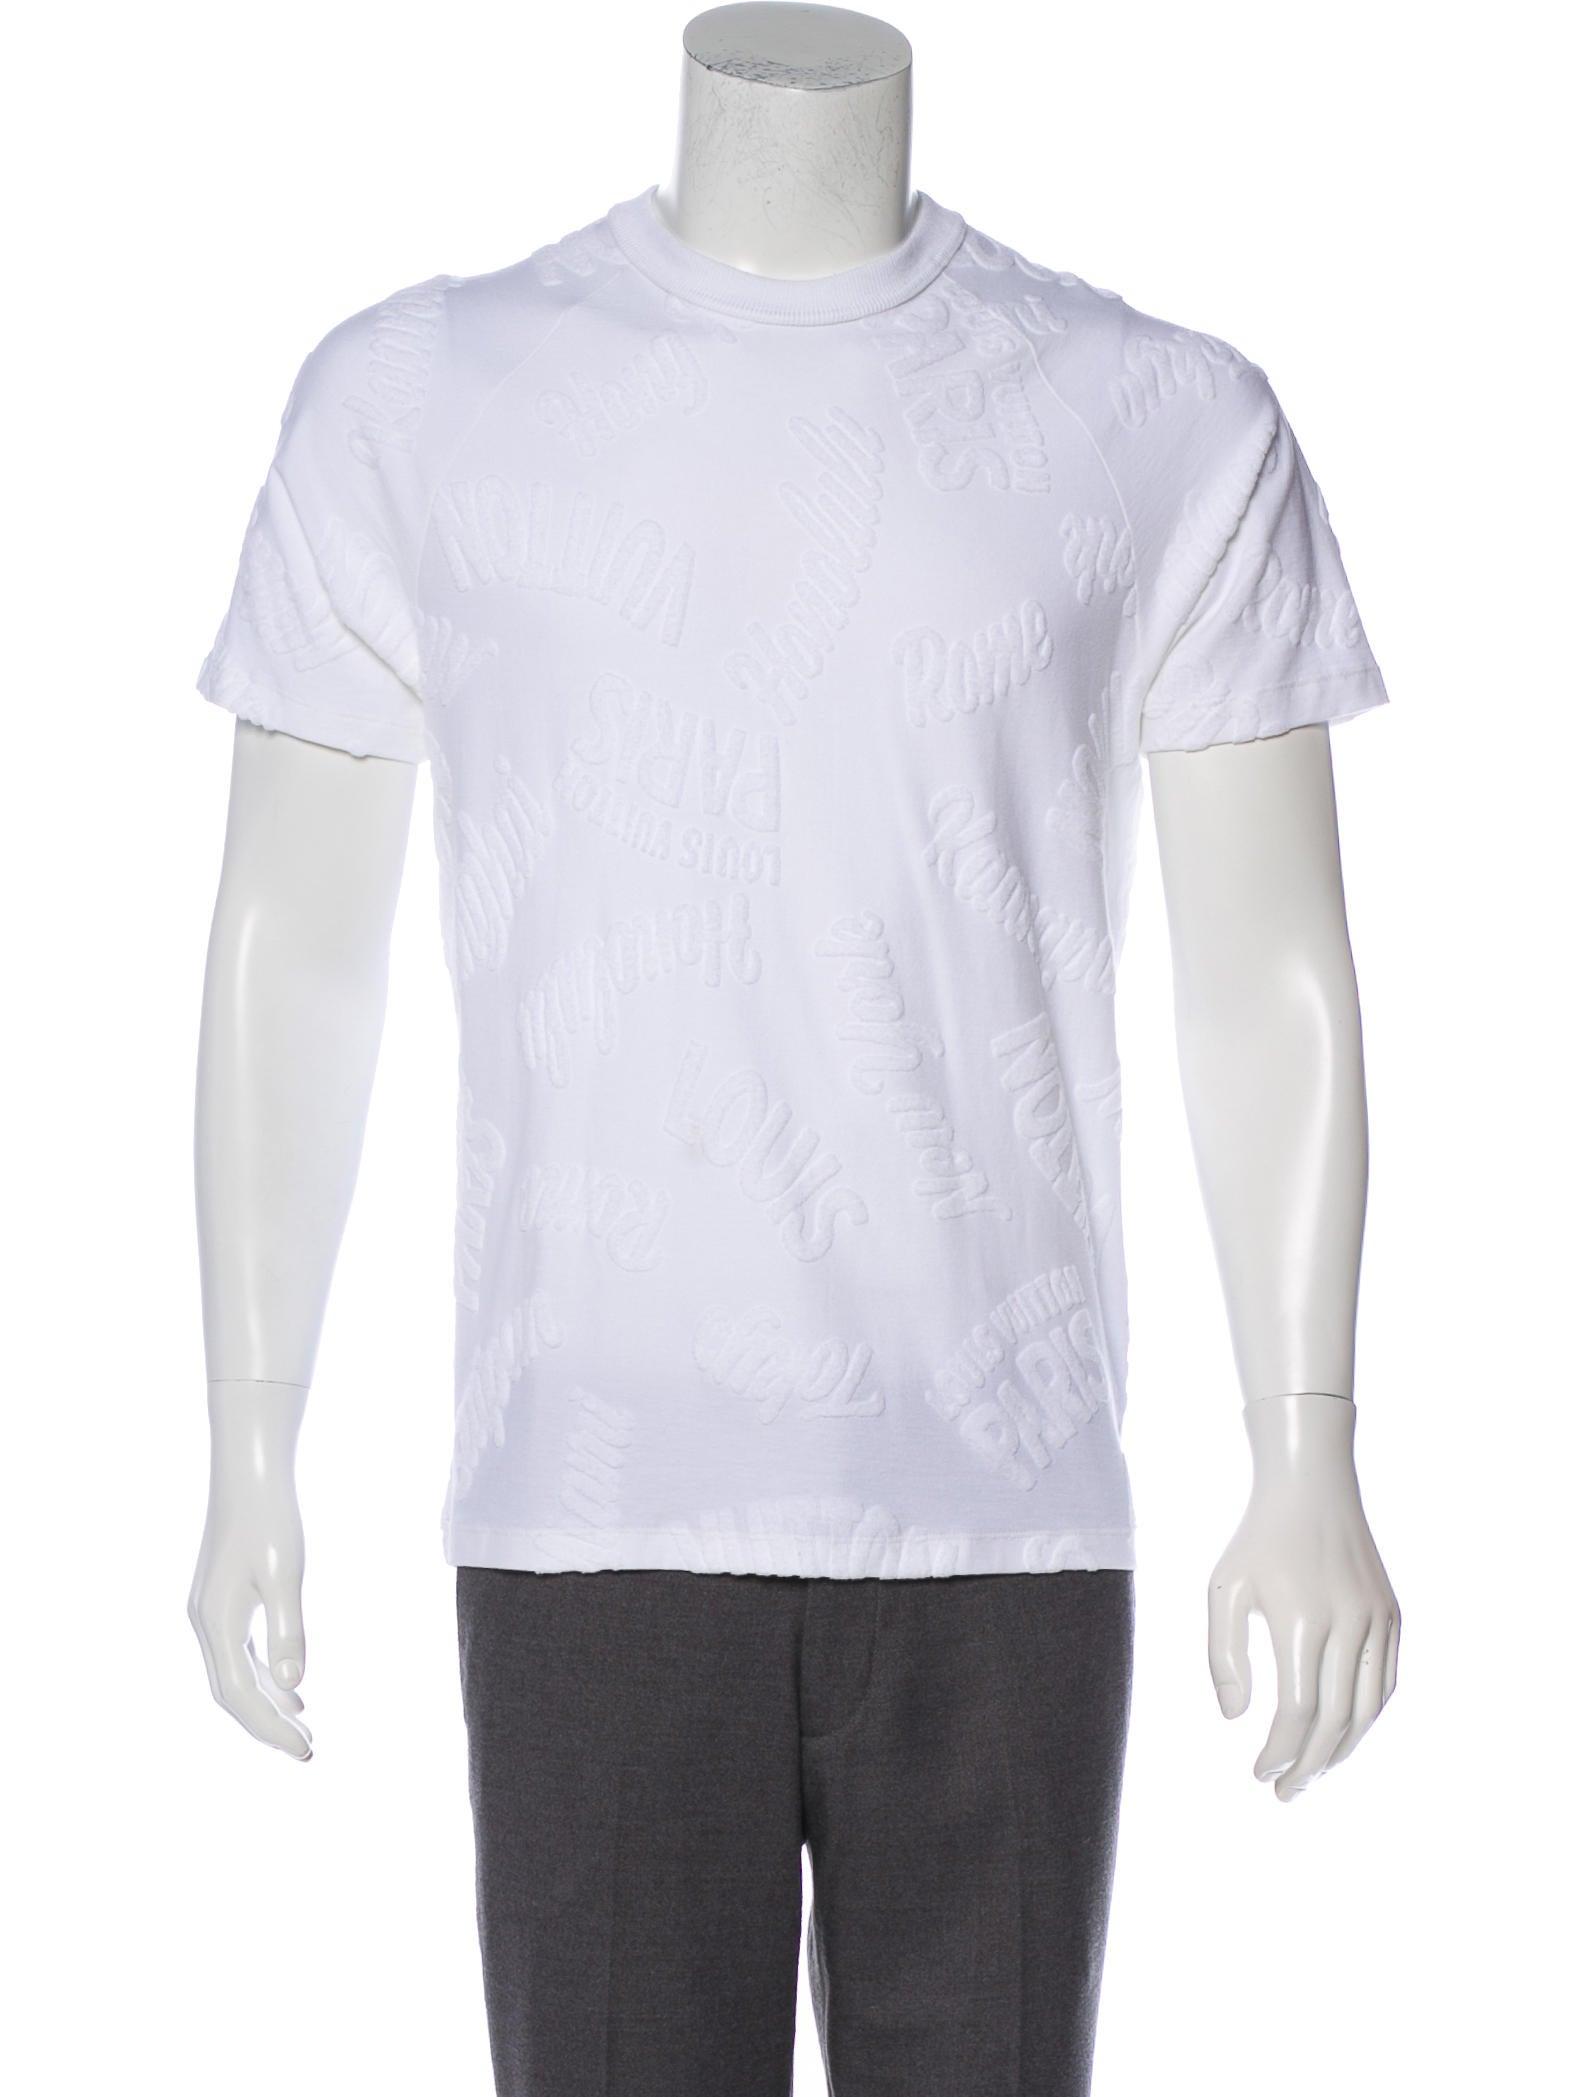 701d562cd51d Louis Vuitton Monogram Toweling T-Shirt - Clothing - LOU195292